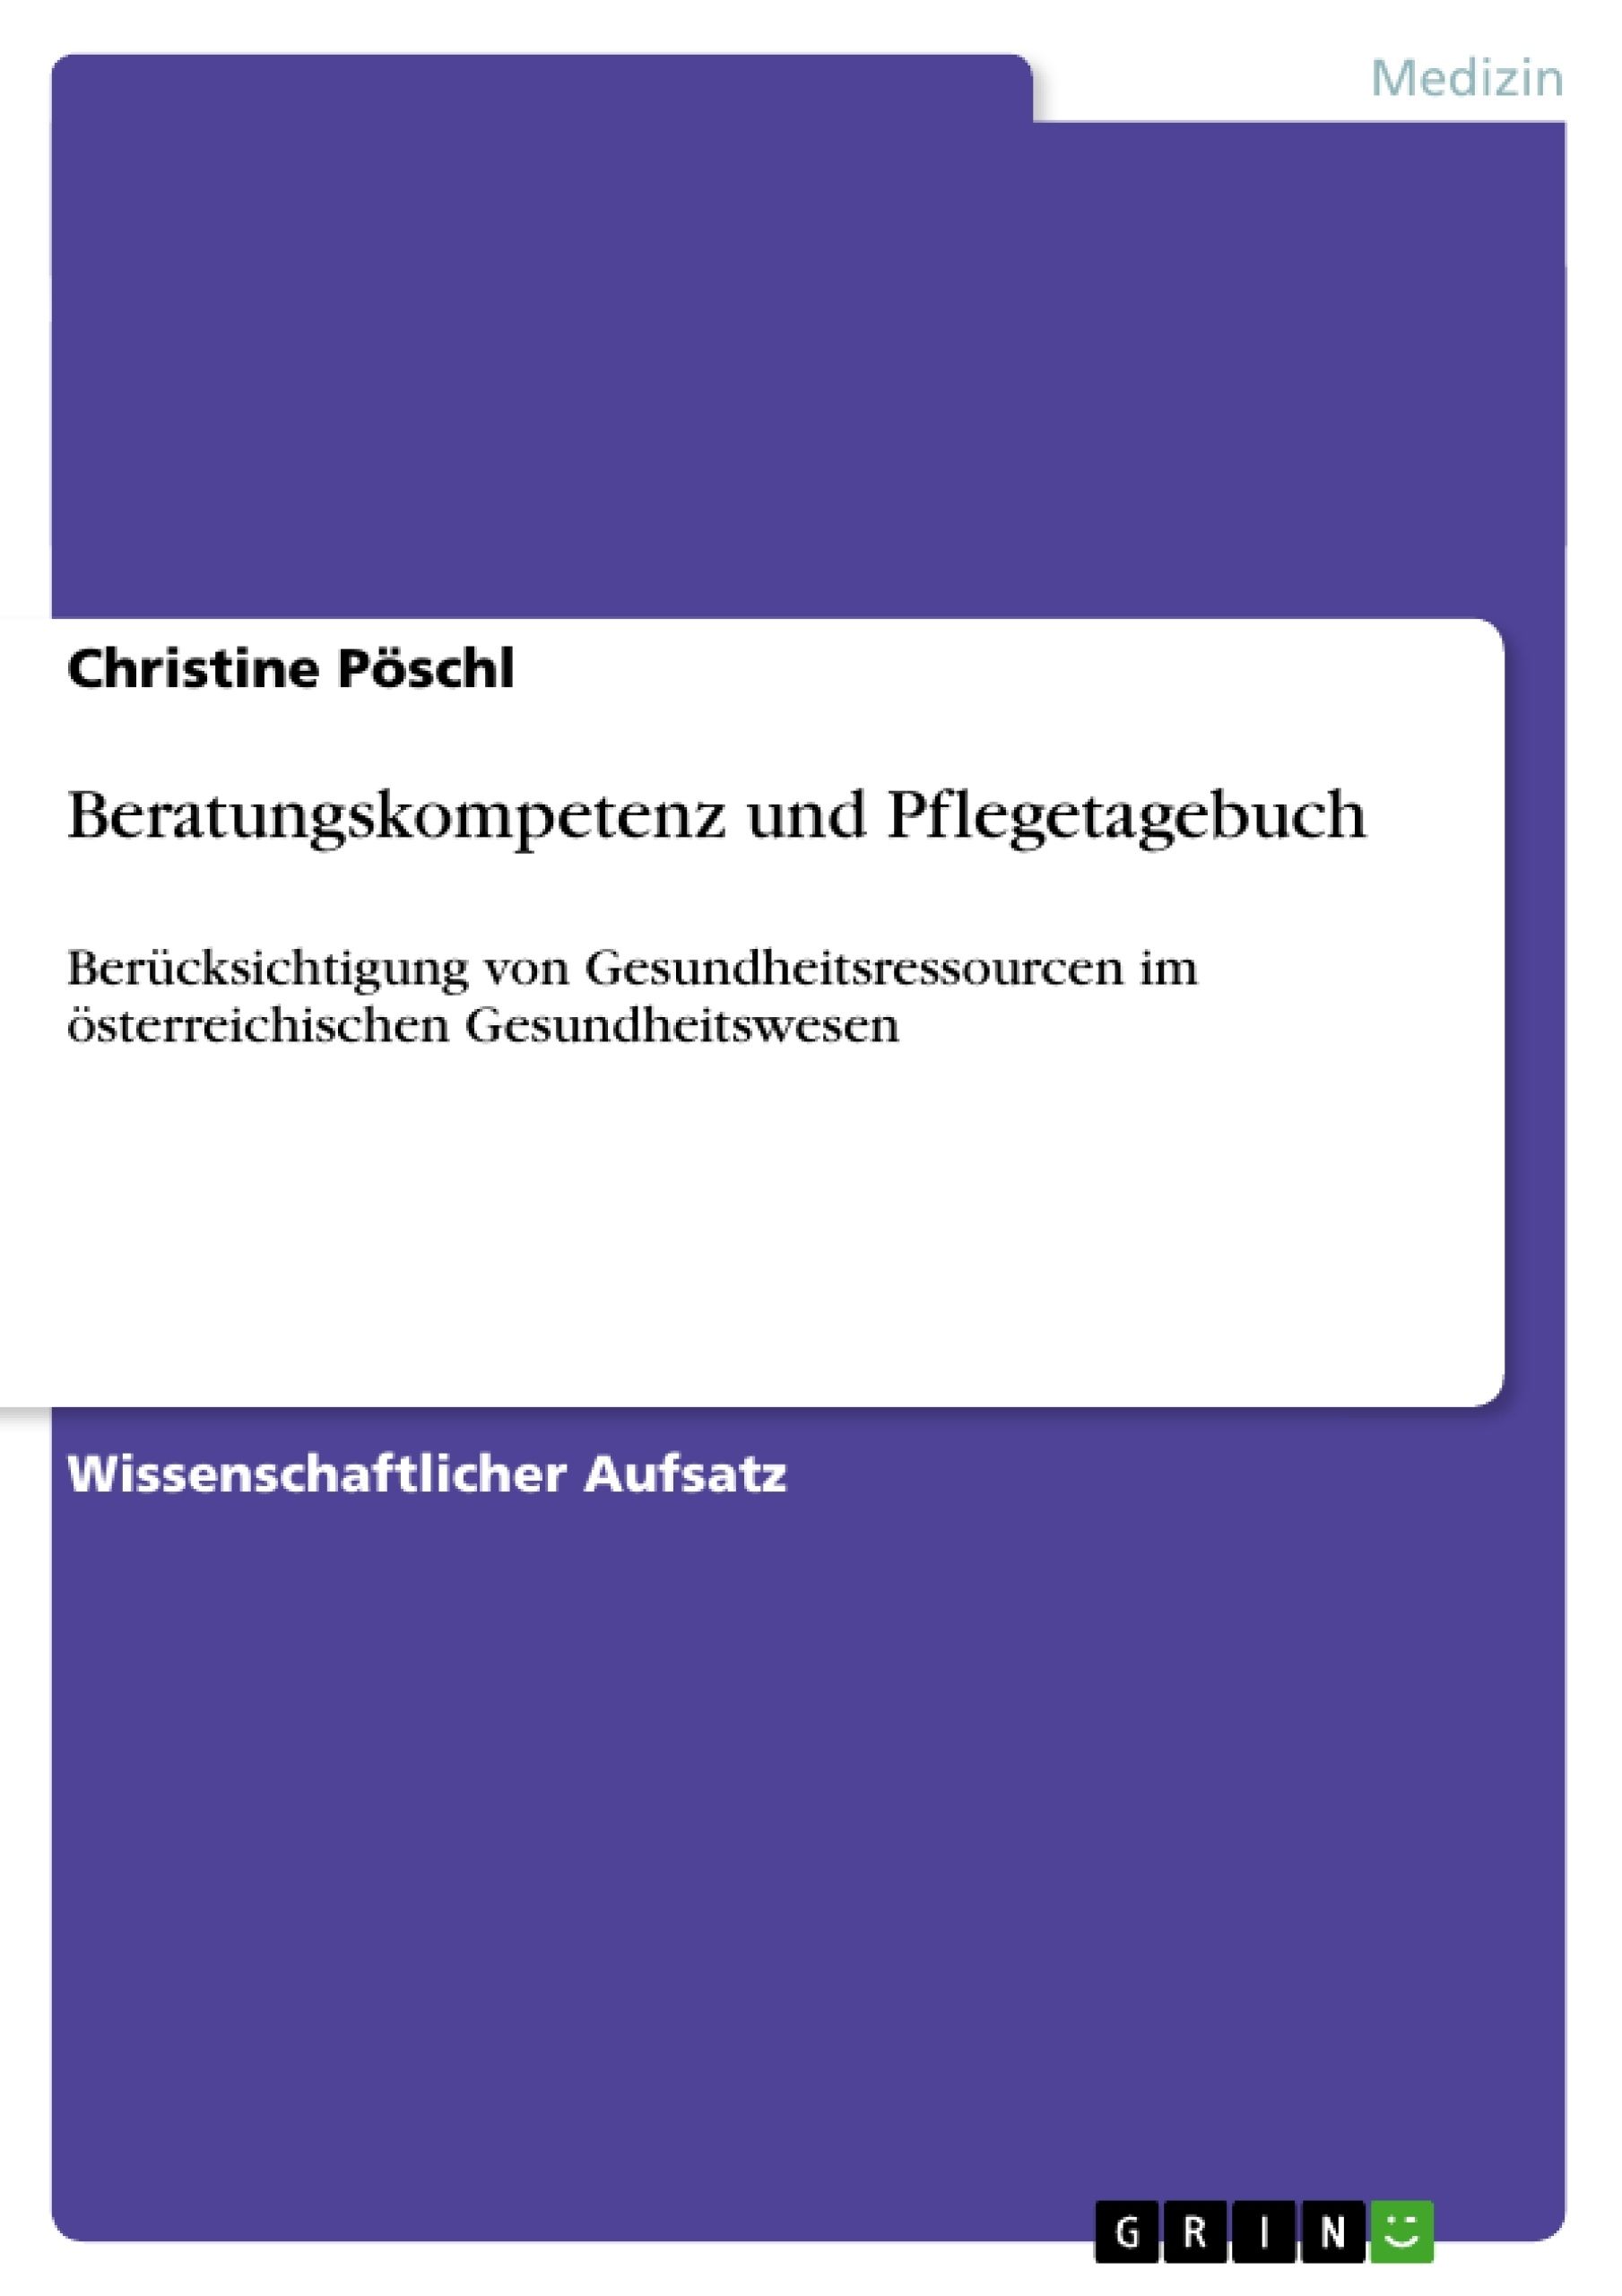 Titel: Beratungskompetenz und Pflegetagebuch